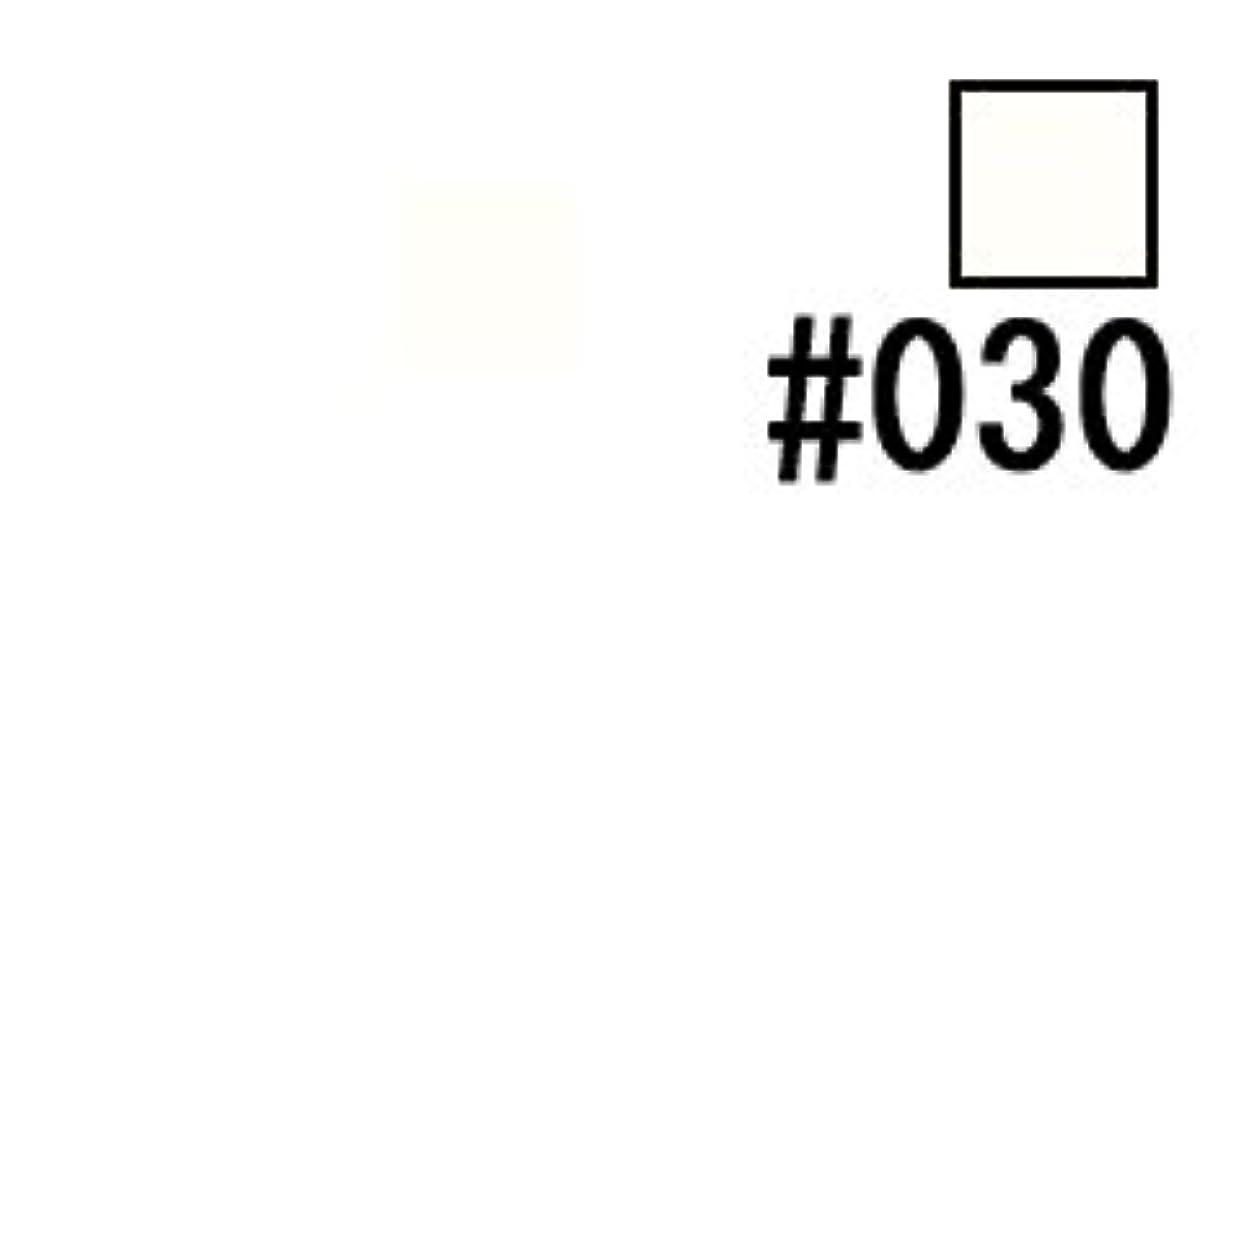 透明に懐添付【レブロン】パヒューマリー センティド ネイルエナメル #030 11.7ml [並行輸入品]